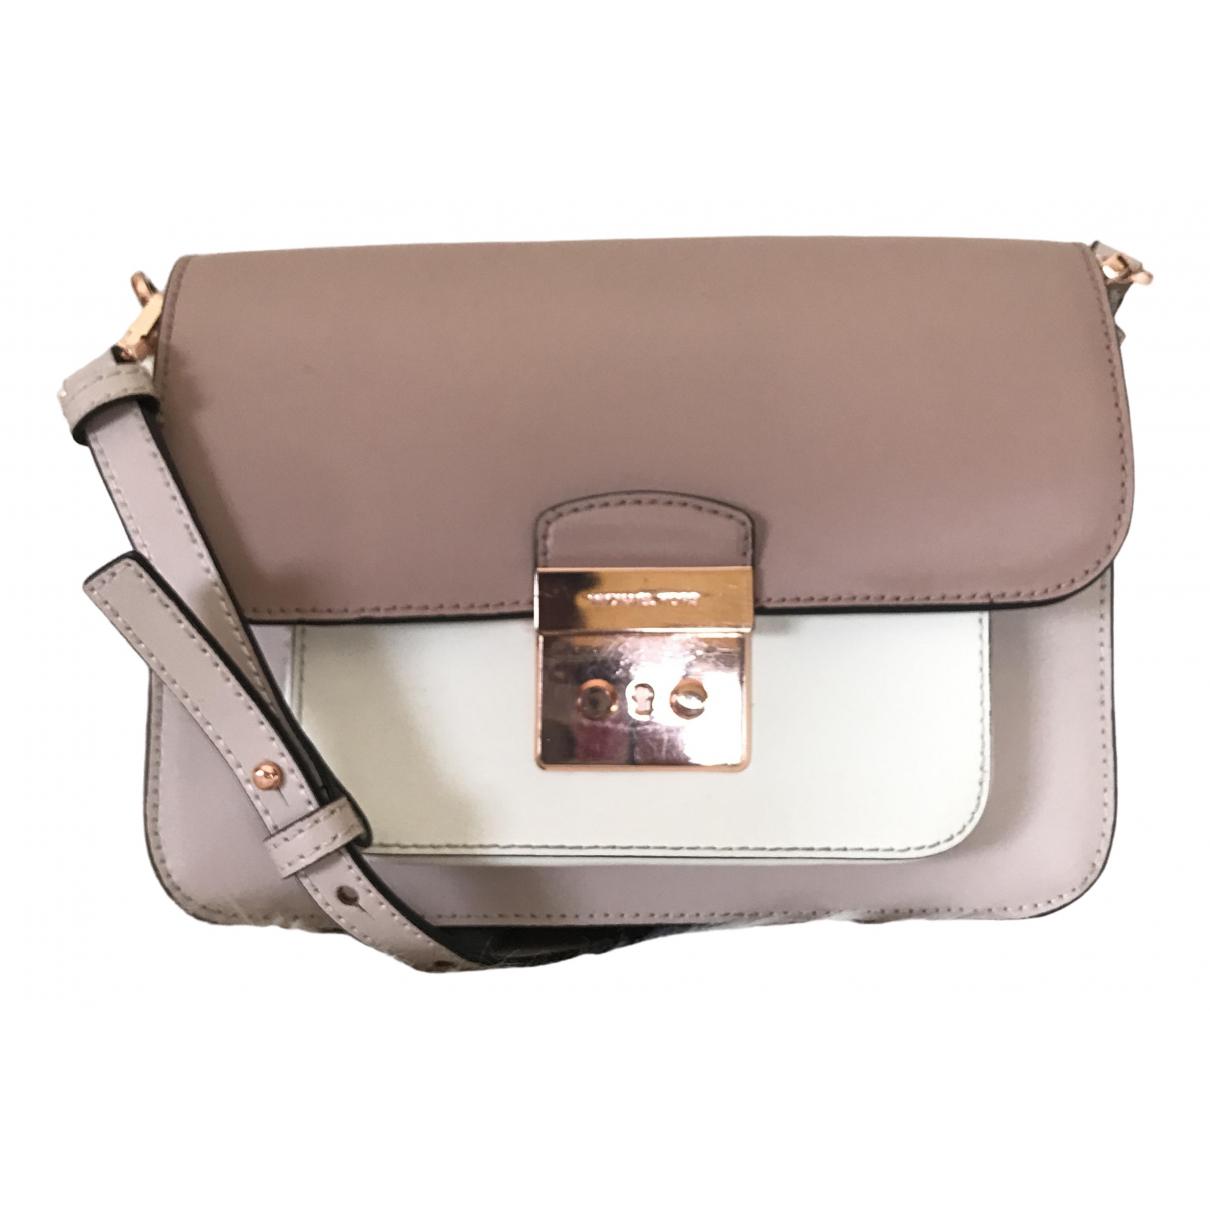 Michael Kors Sloan Handtasche in  Beige Leder